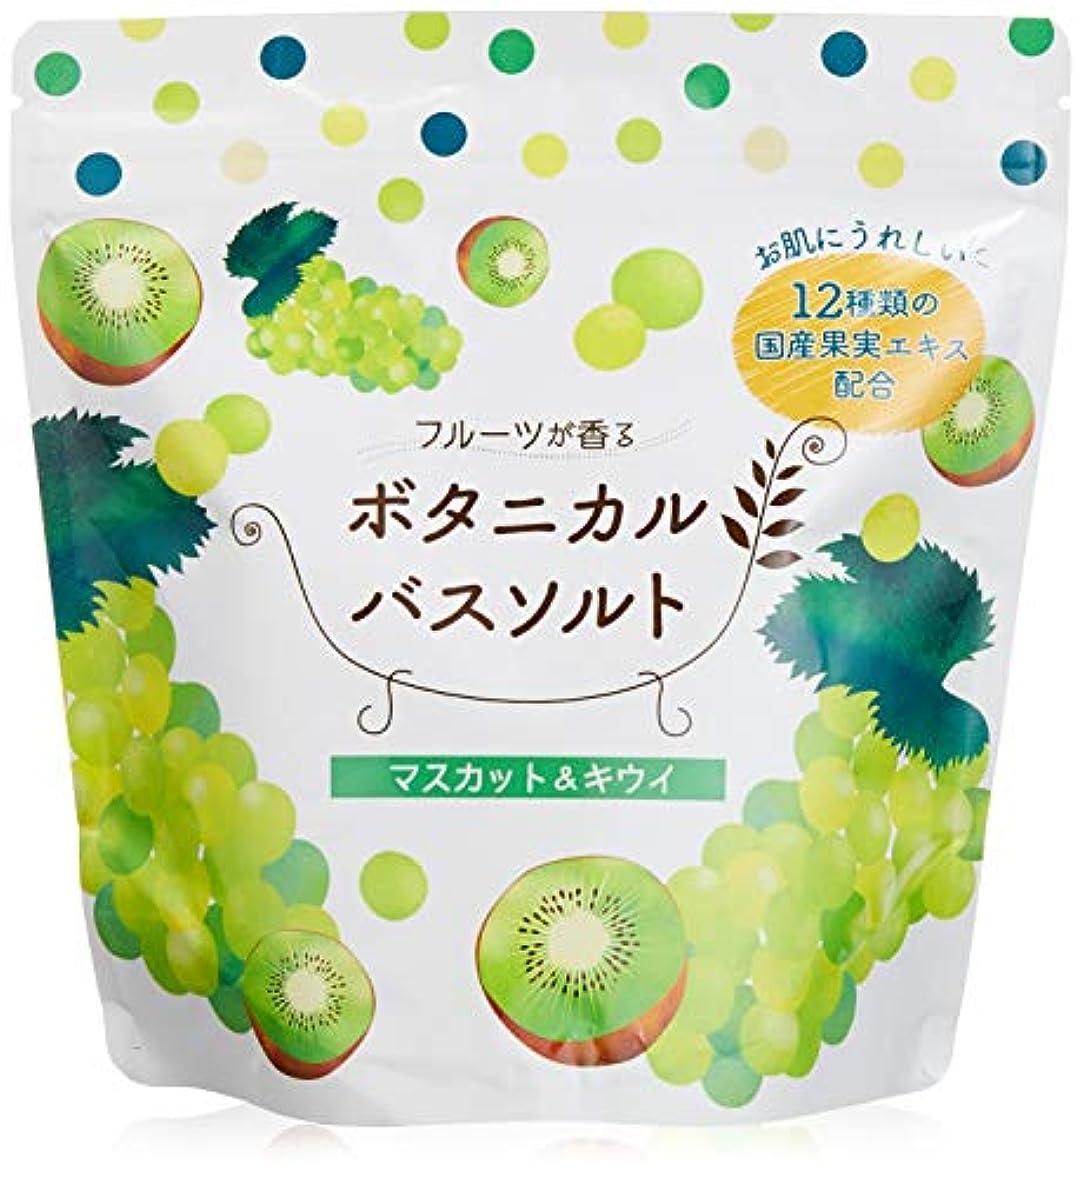 オアシスパトロン保証松田医薬品 フルーツが香るボタニカルバスソルト マスカット&キウイ 450g